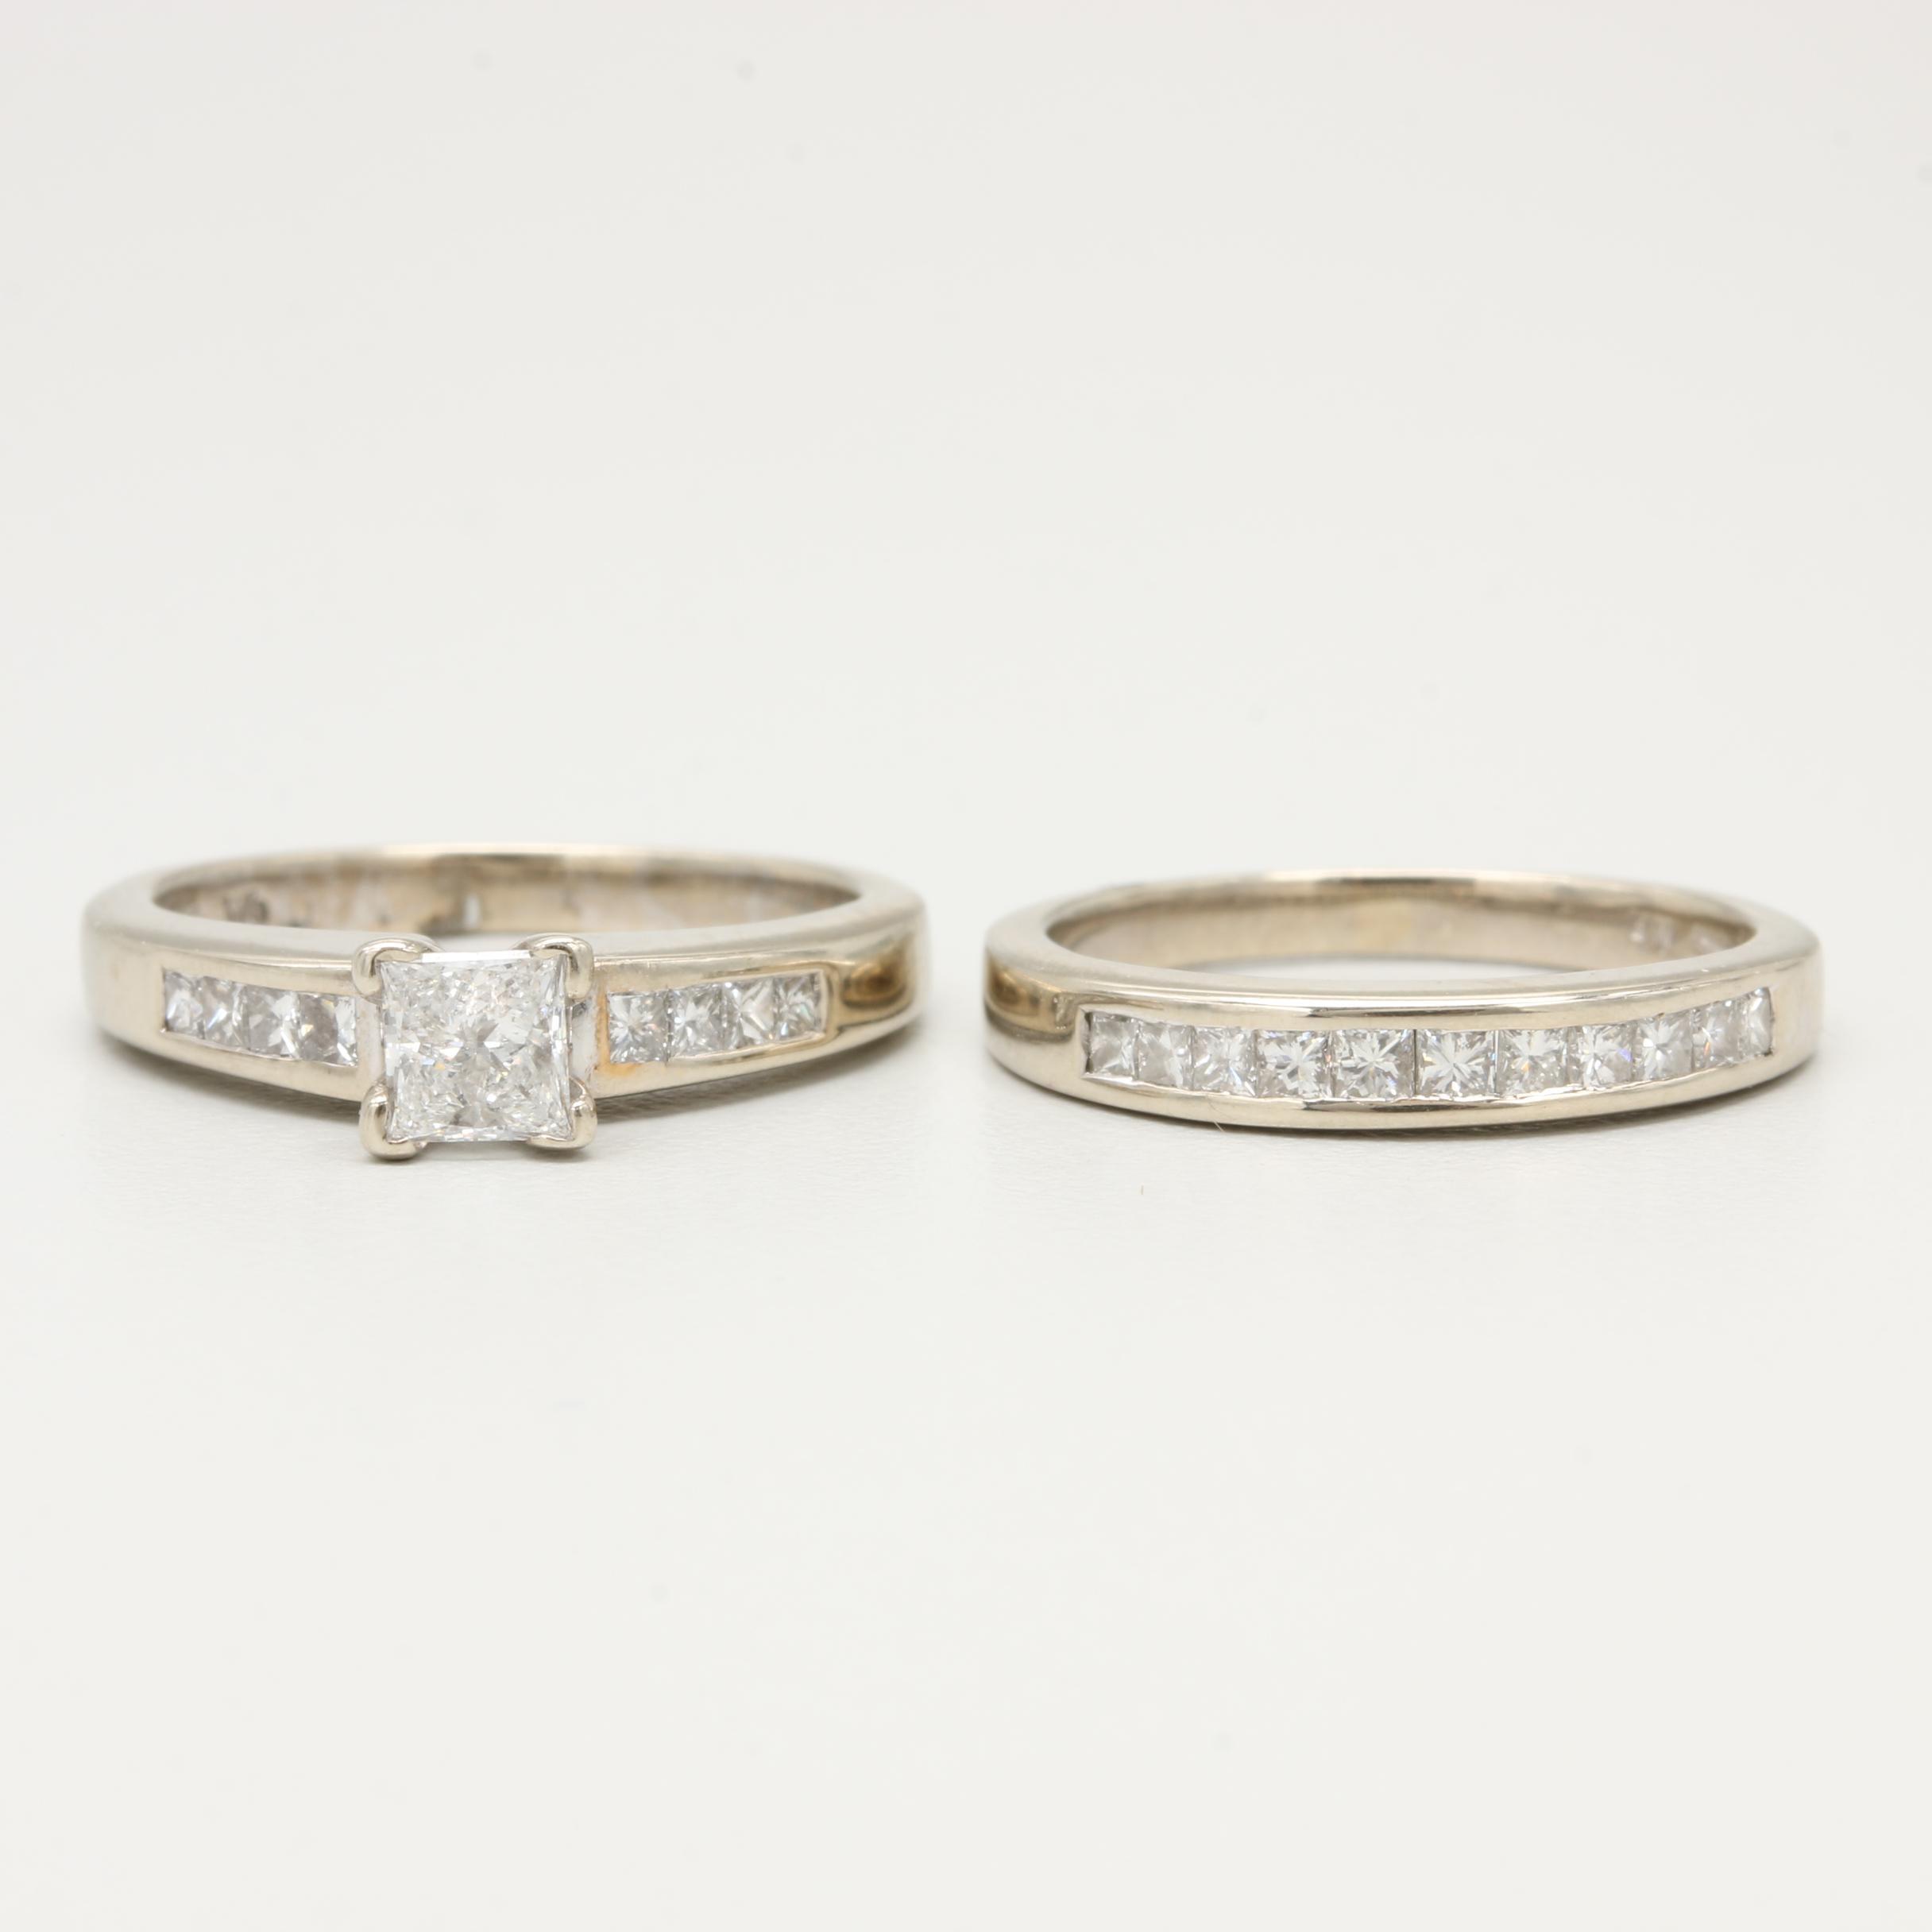 14K White Gold 1.29 CTW Diamond Rings